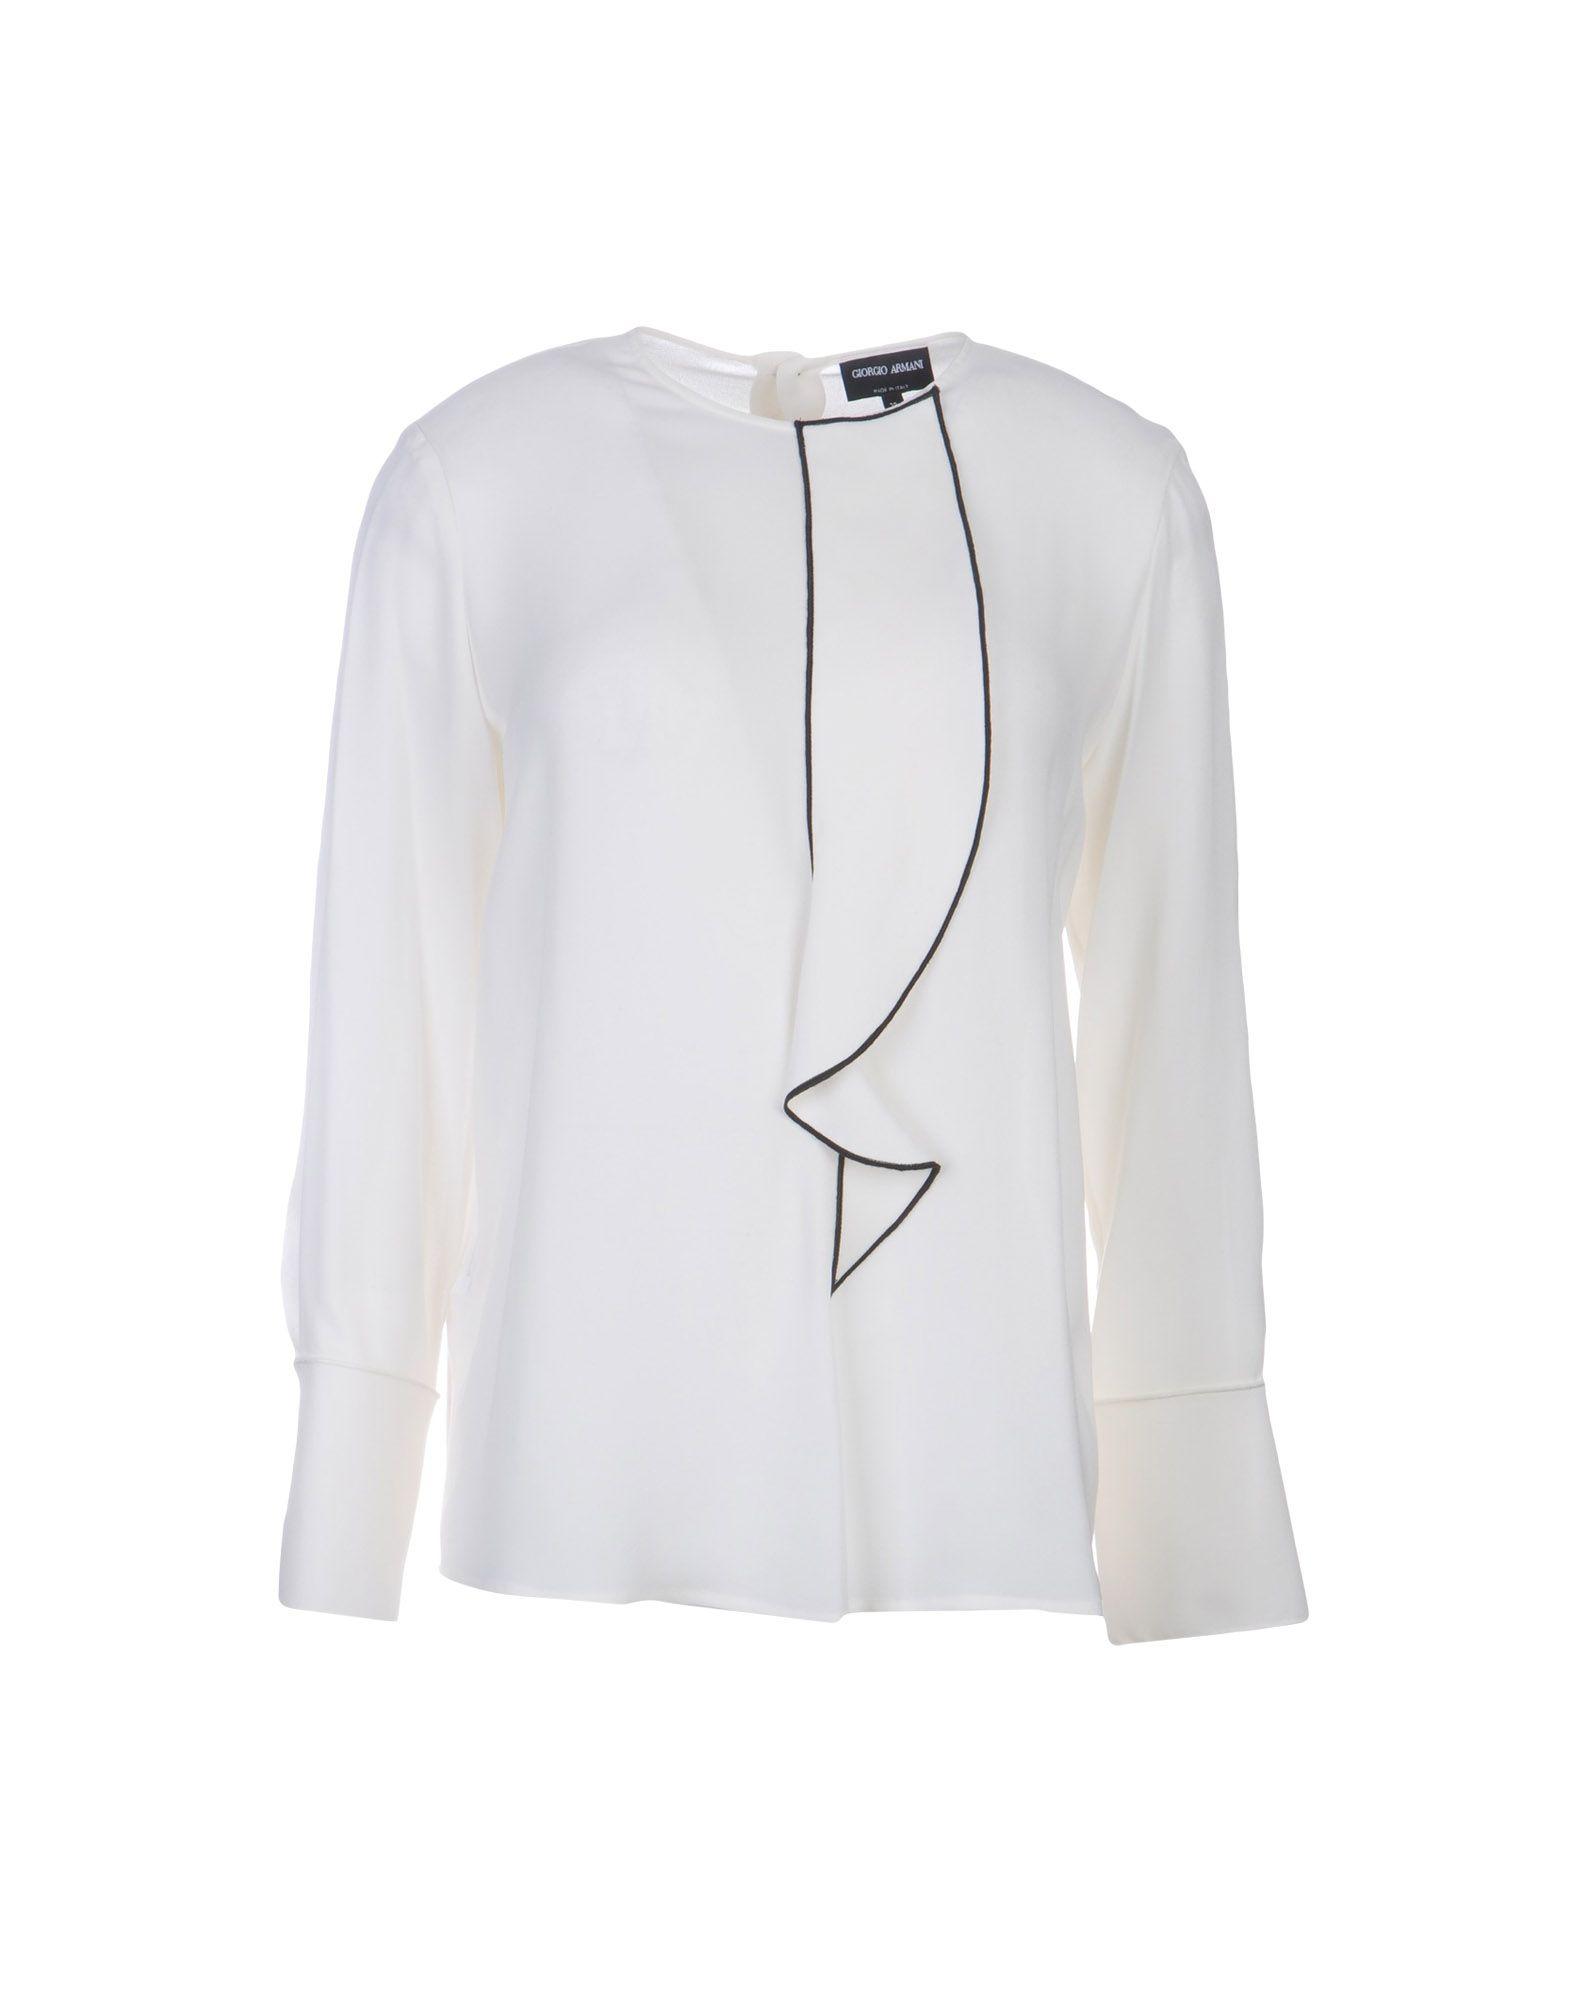 Camicie E Bluse In Seta Giorgio Armani Donna - Acquista online su WS8Vg